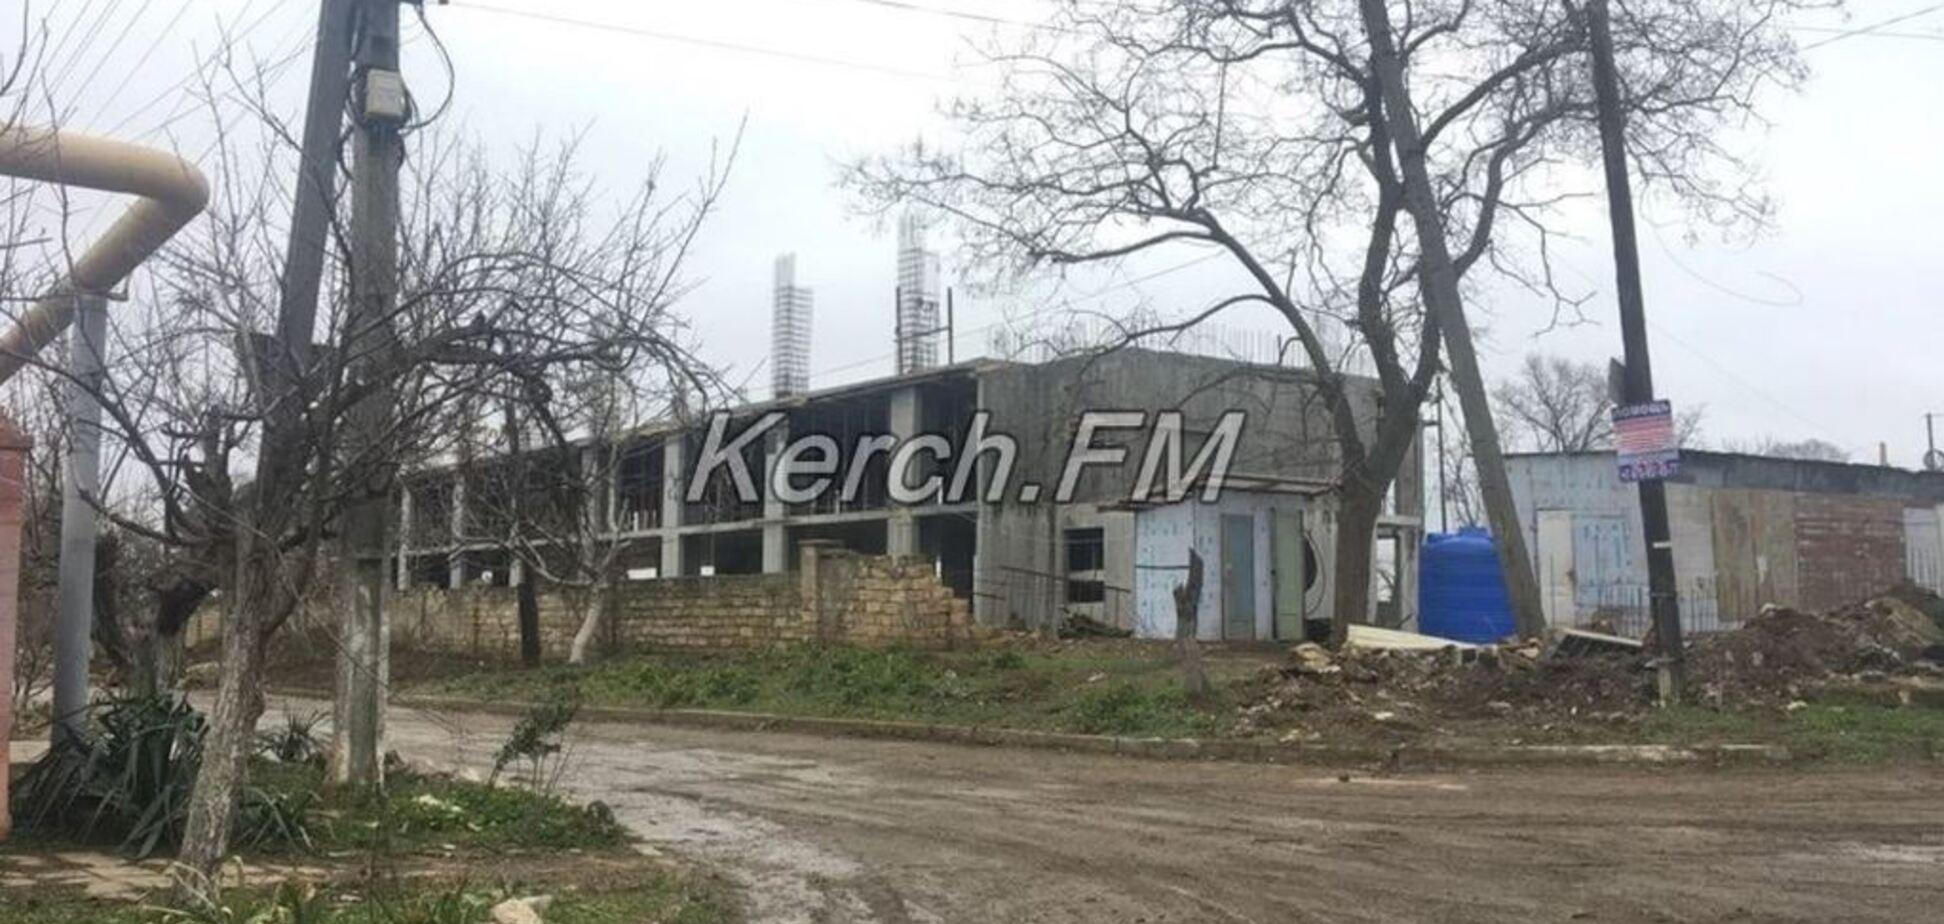 Готовятся к войне? В Крыму развернули масштабное строительство базы Росгвардии. Фотофакт